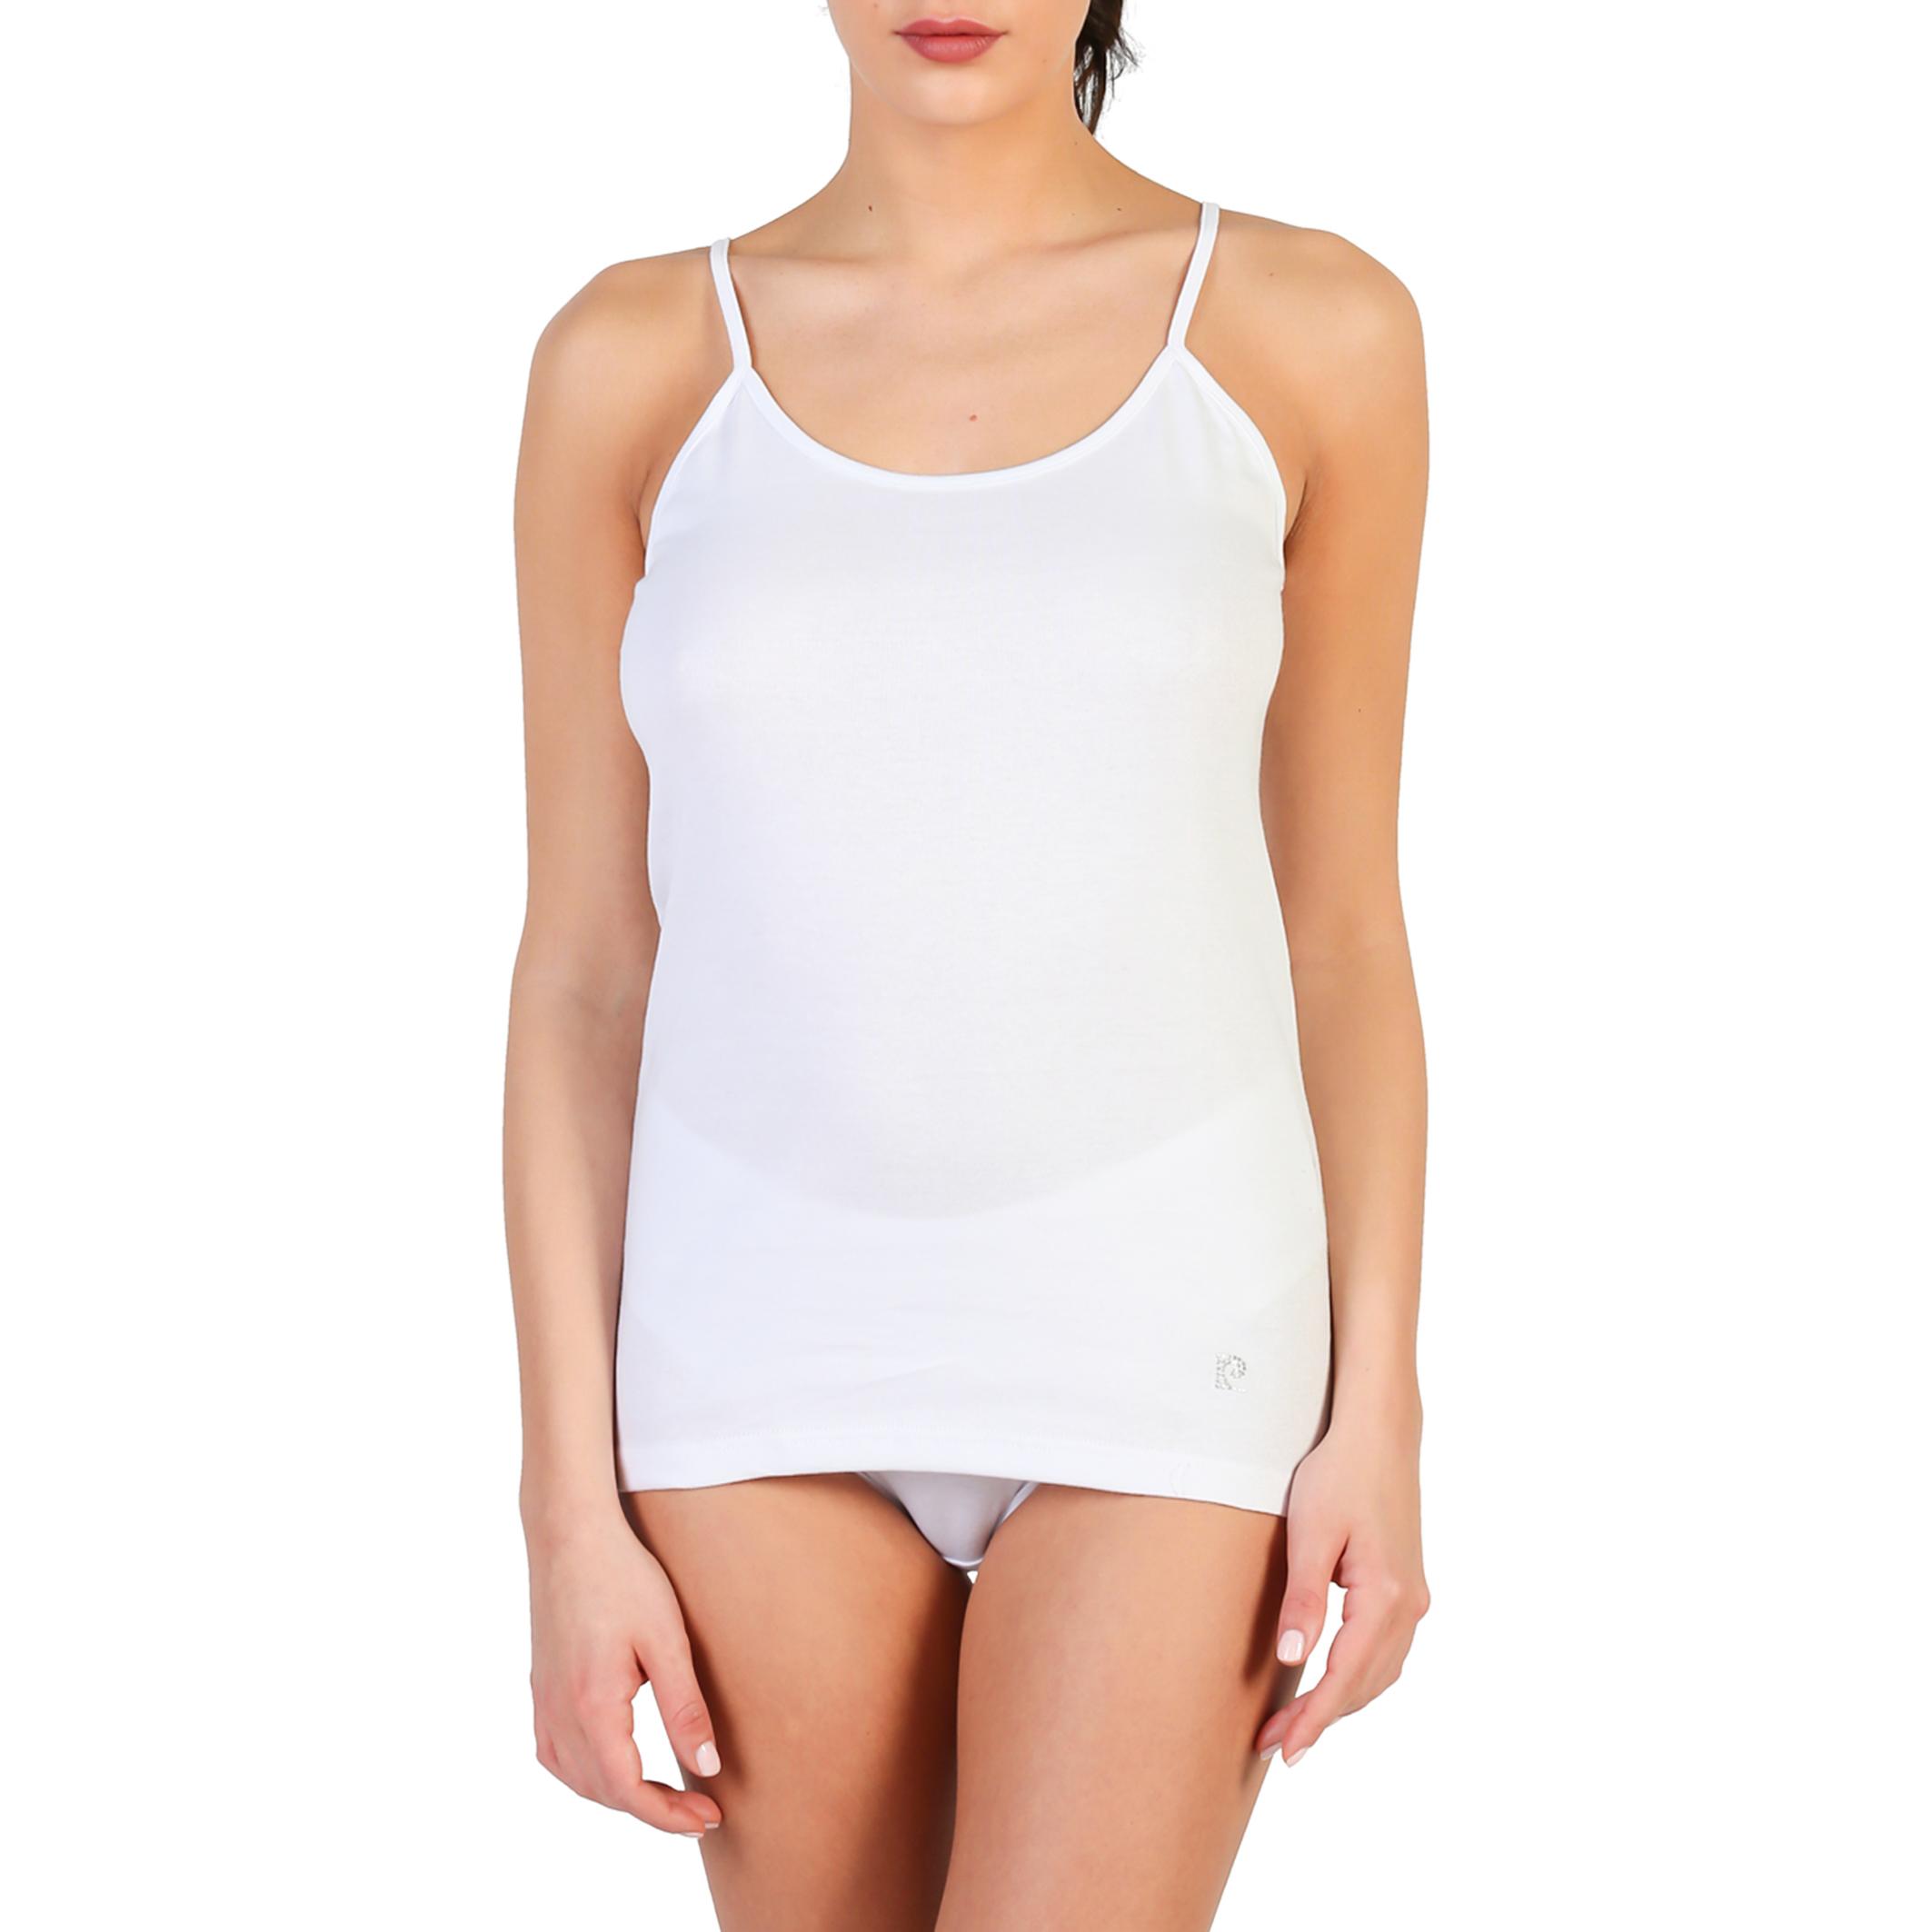 débardeur femme pierre cardin underwear PC_CARMEN_BIANCO